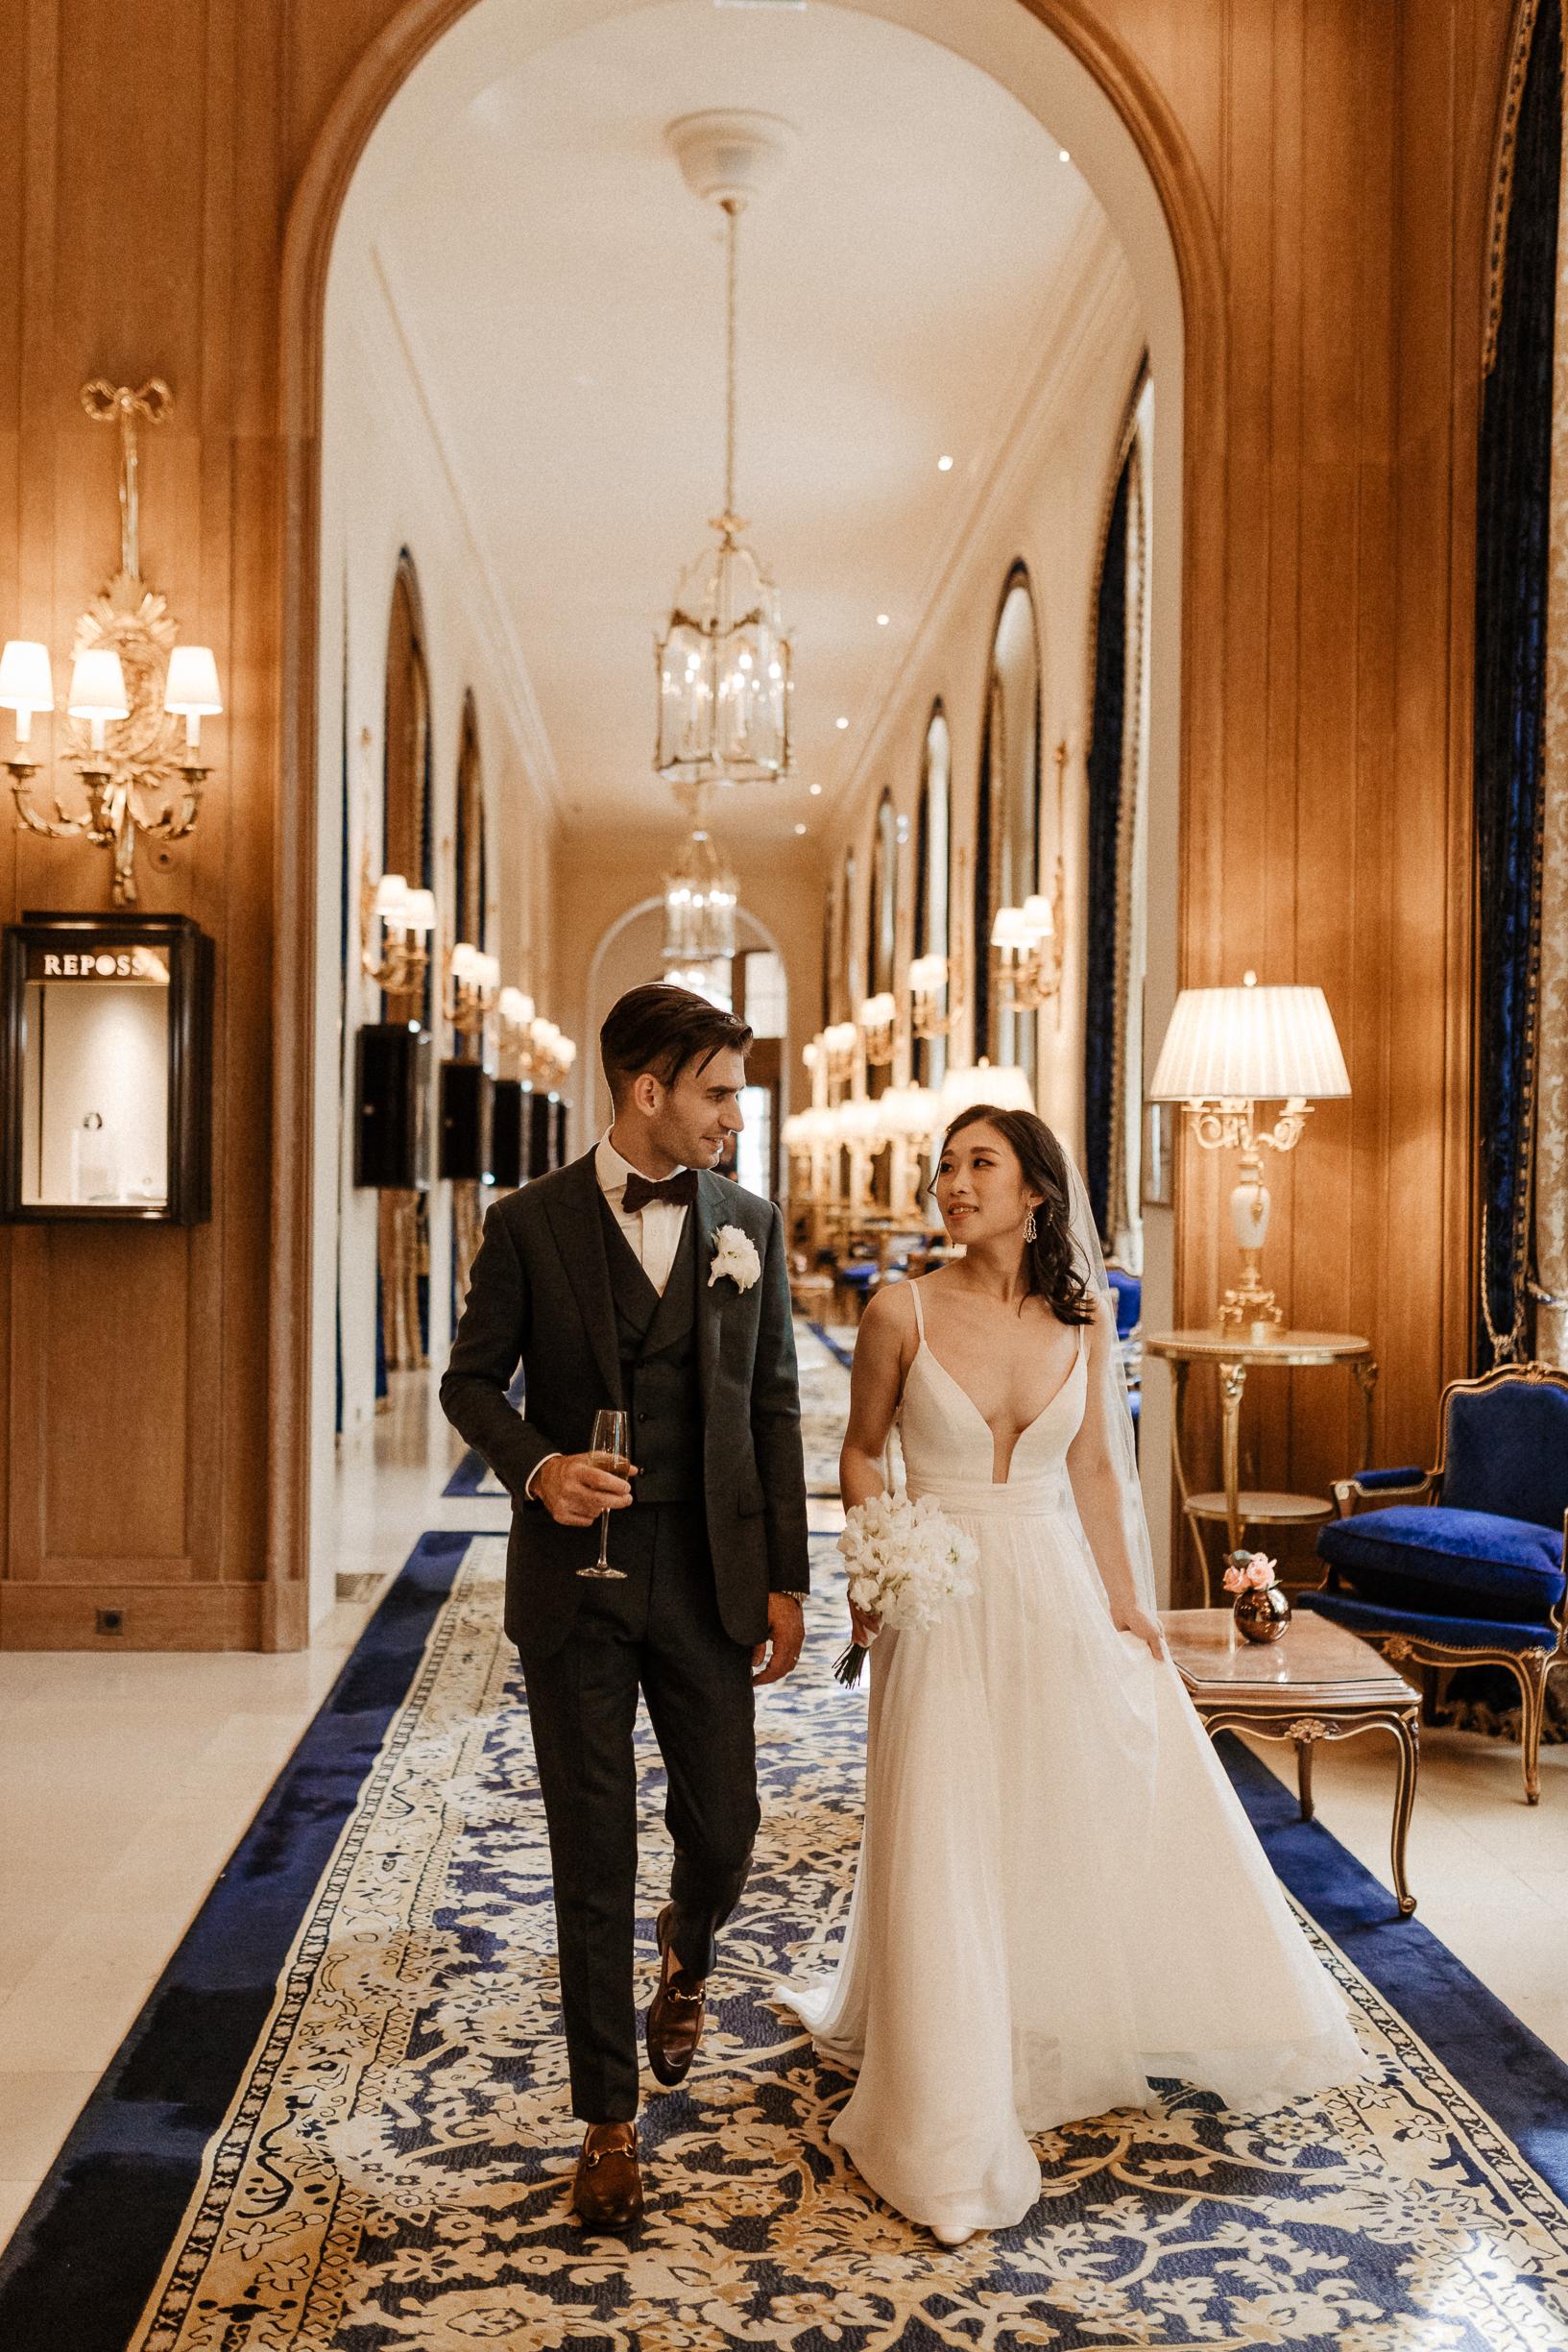 Intimate wedding at the Ritz Paris